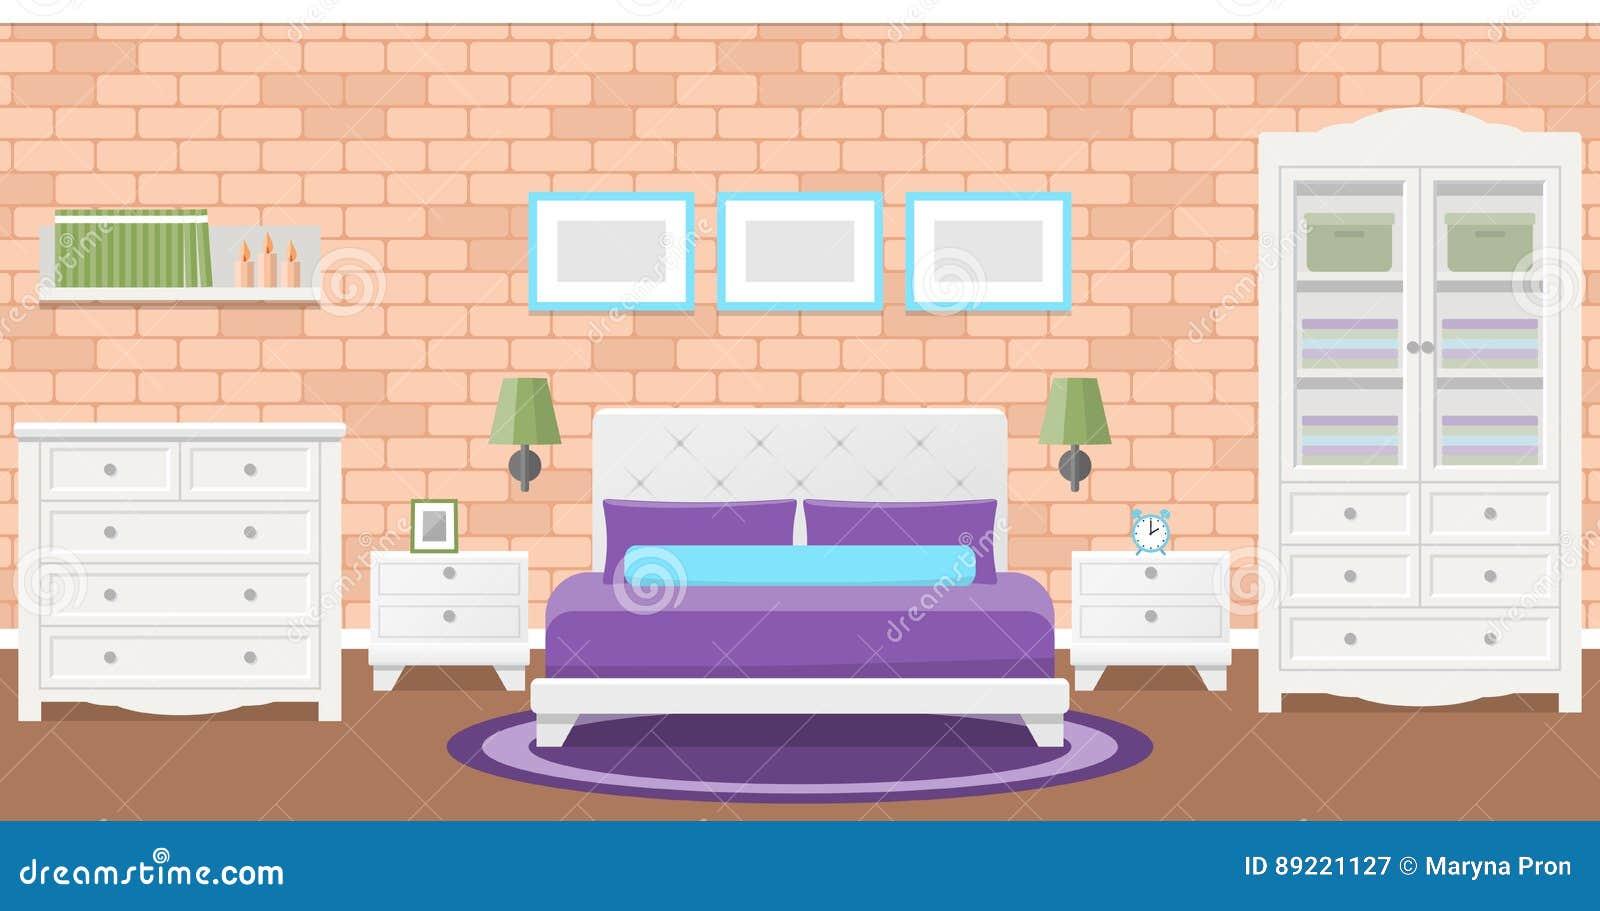 Conception Plate De Chambre A Coucher Illustration De Vecteur Fond